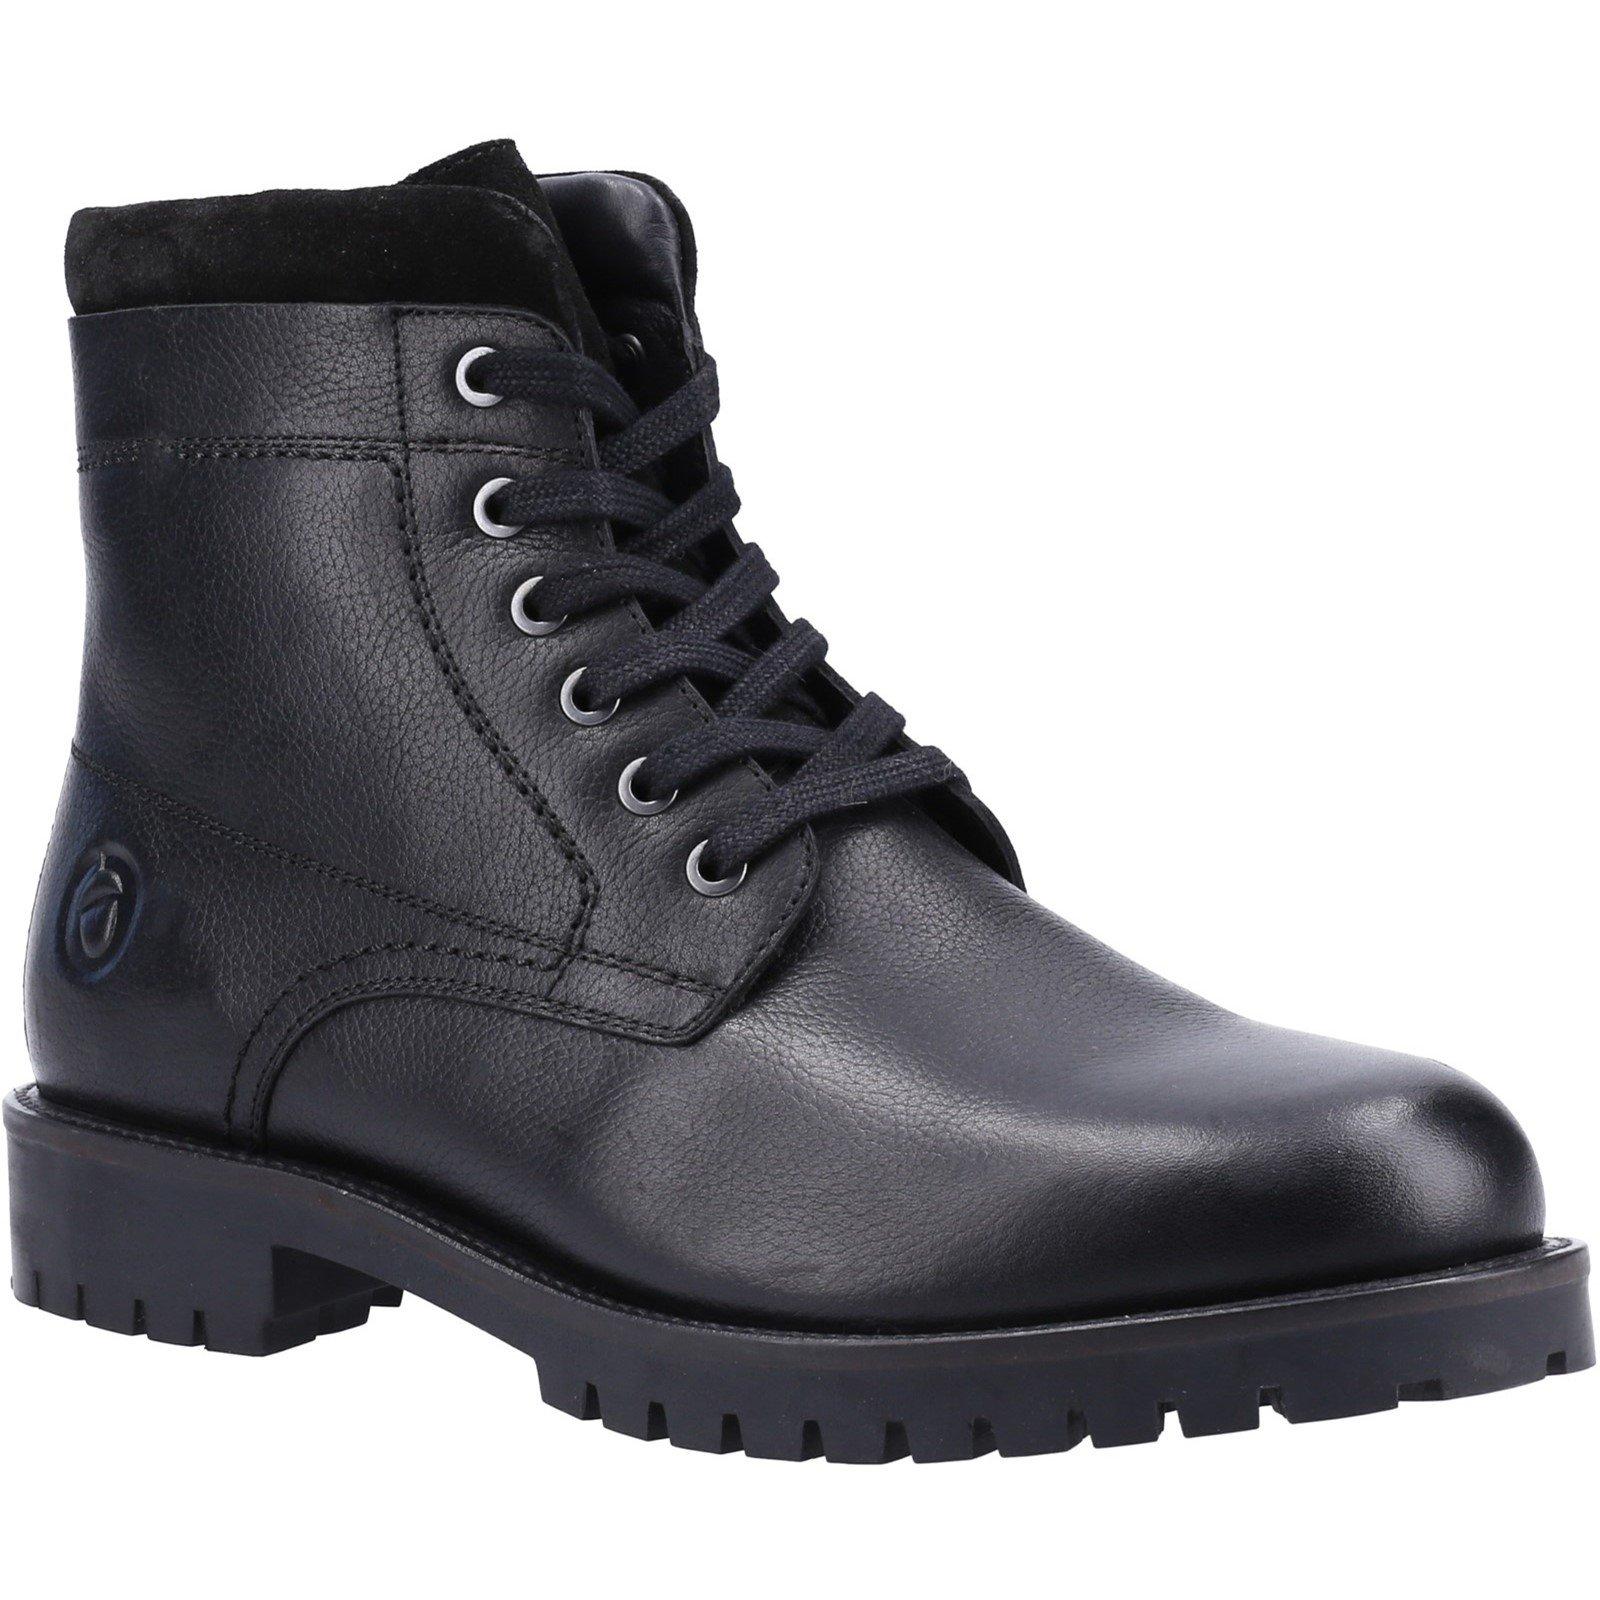 Cotswold Men's Thorsbury Lace Up Shoe Boot Various Colours 32963 - Black 10